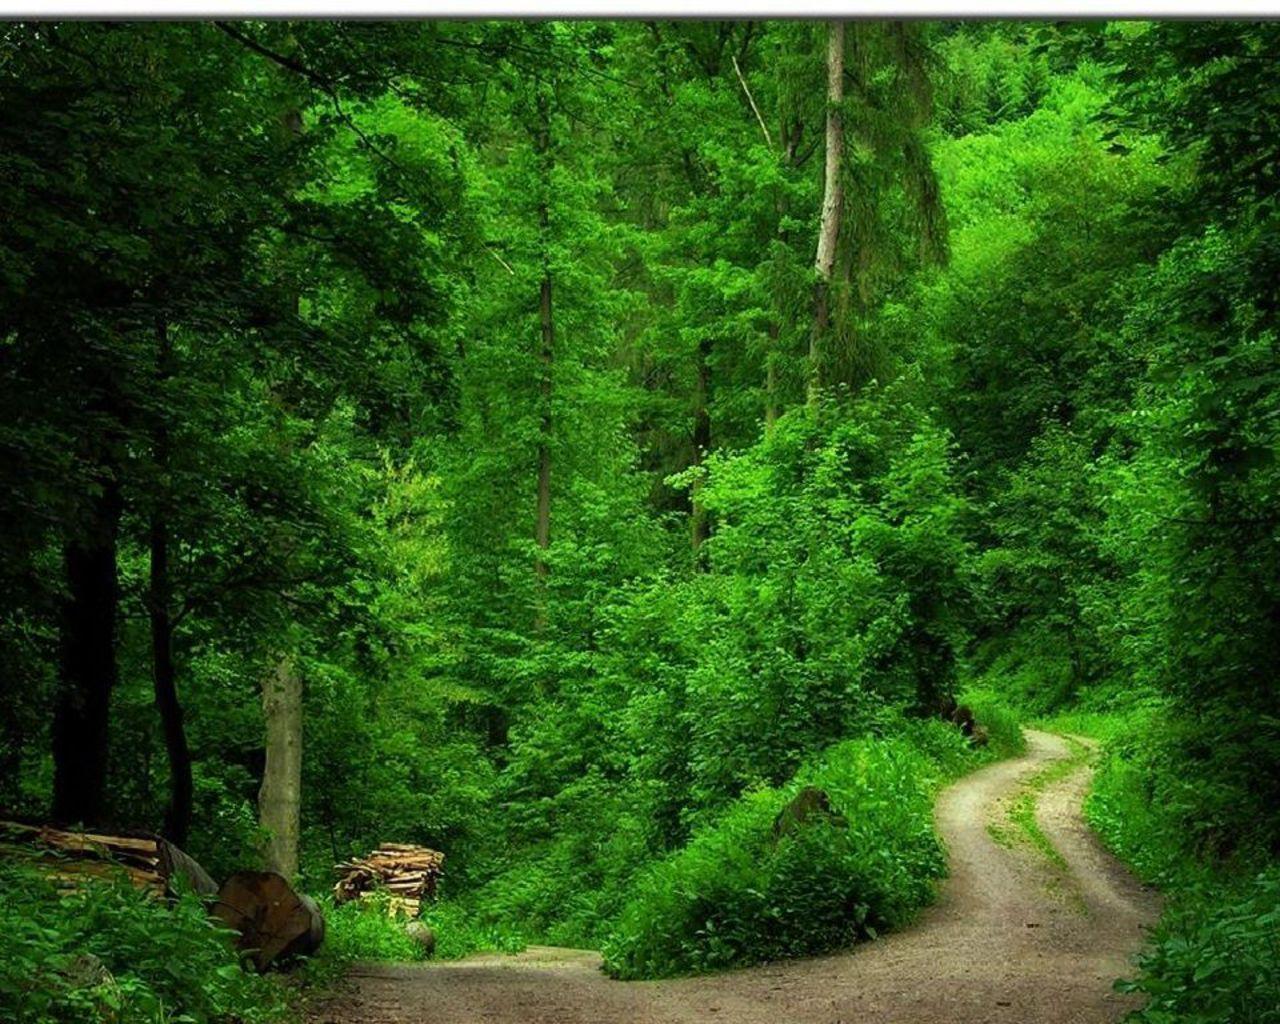 http://4.bp.blogspot.com/-aACifEepwO4/T77IFwwLIKI/AAAAAAAAE1s/O1ItMgI9uCg/s1600/Green-Forest-Wallpaper-green-20036570-1280-1024.jpg